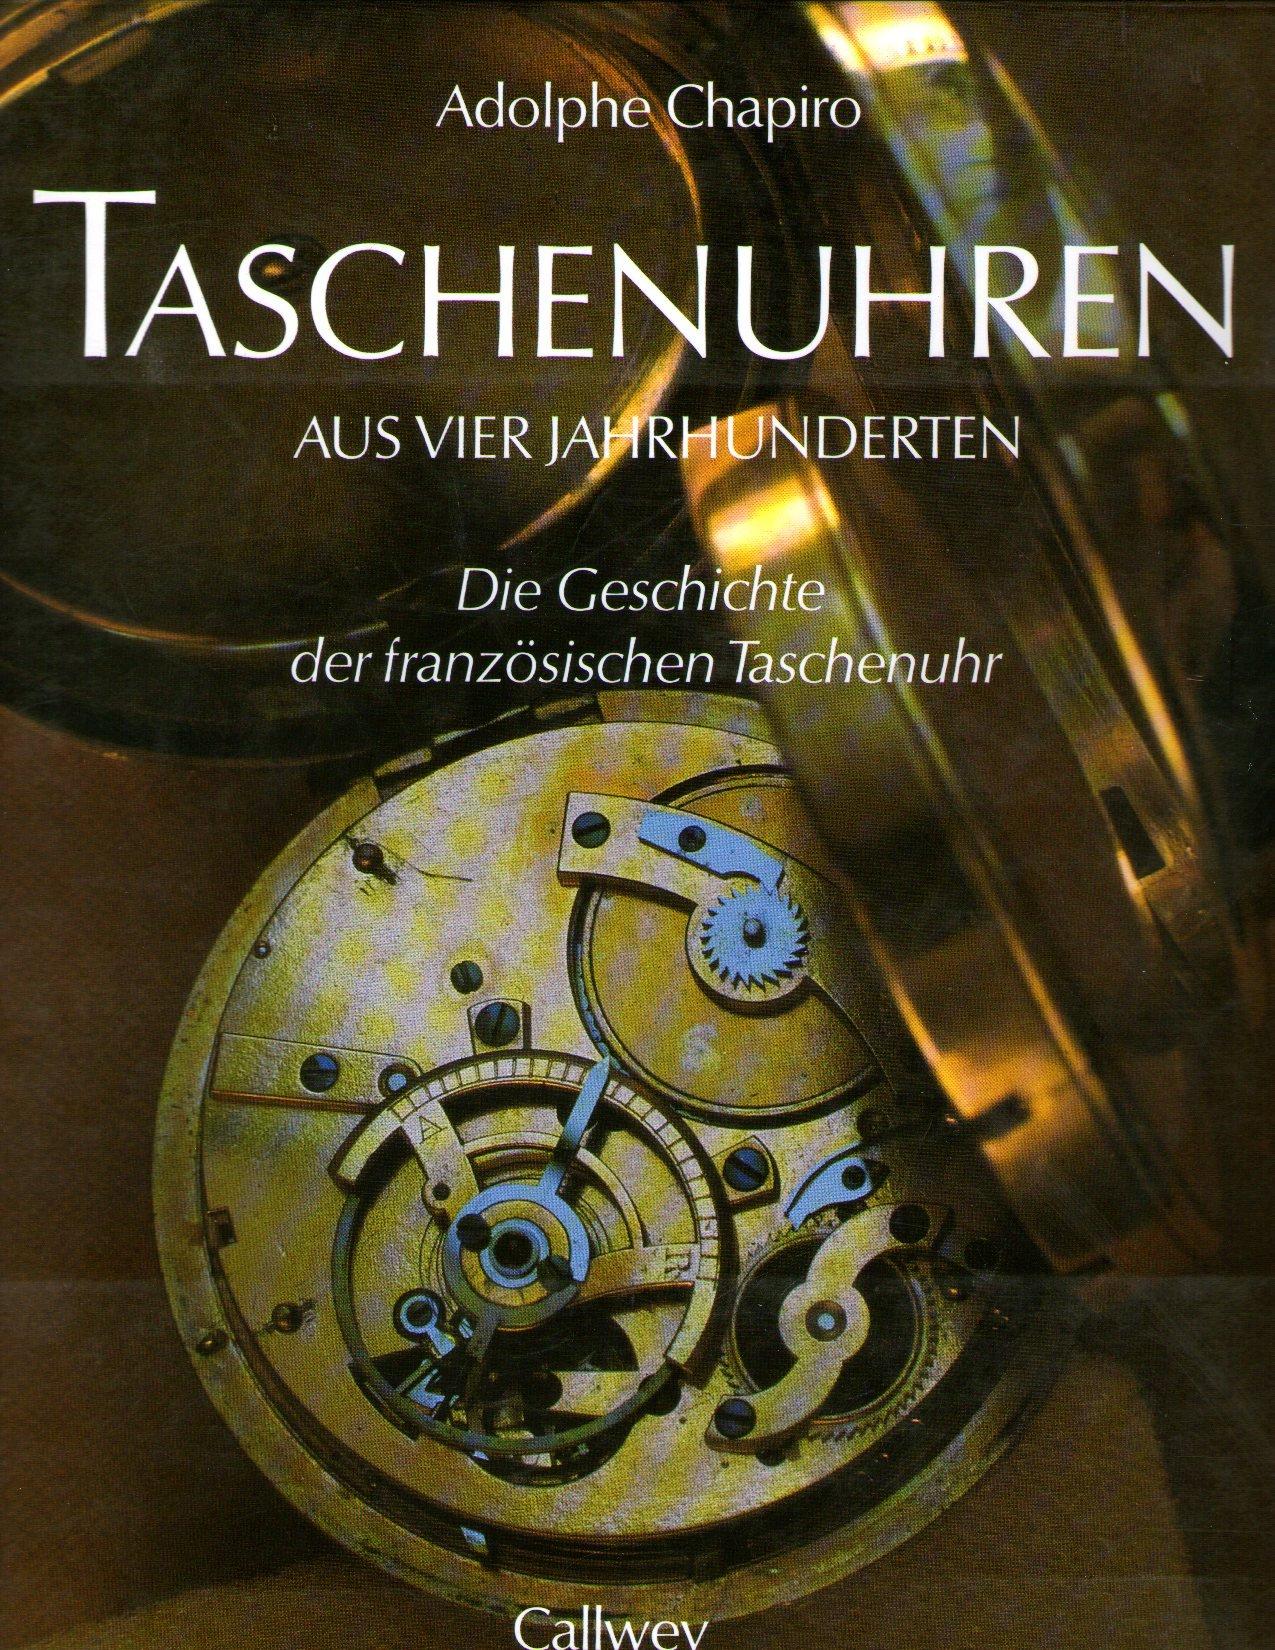 Taschenuhren aus vier Jahrhunderten: Die Geschichte der